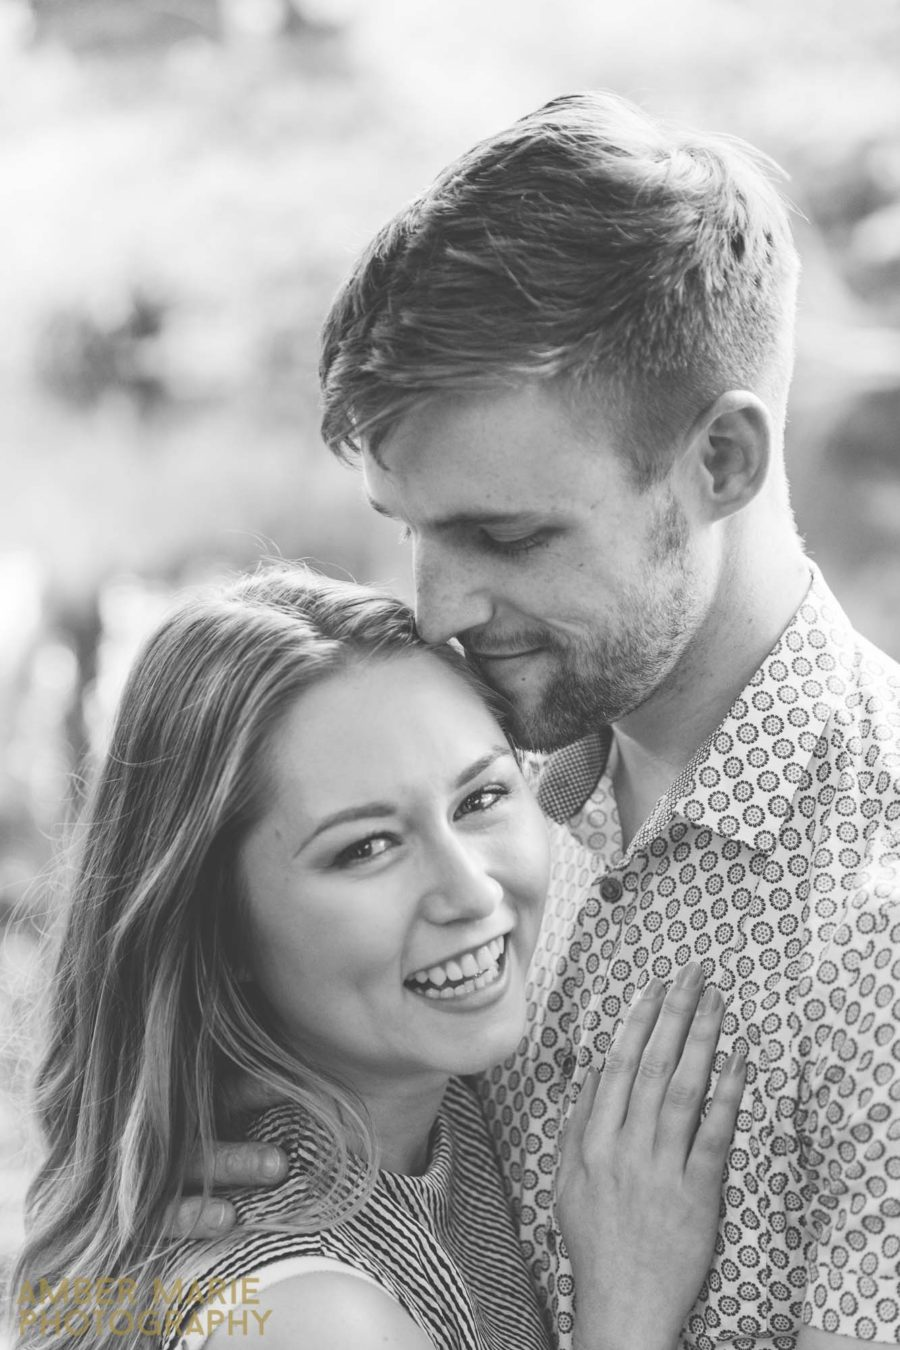 Chloe & James Engagement Shoot – Gloucestershire Wedding Photographer